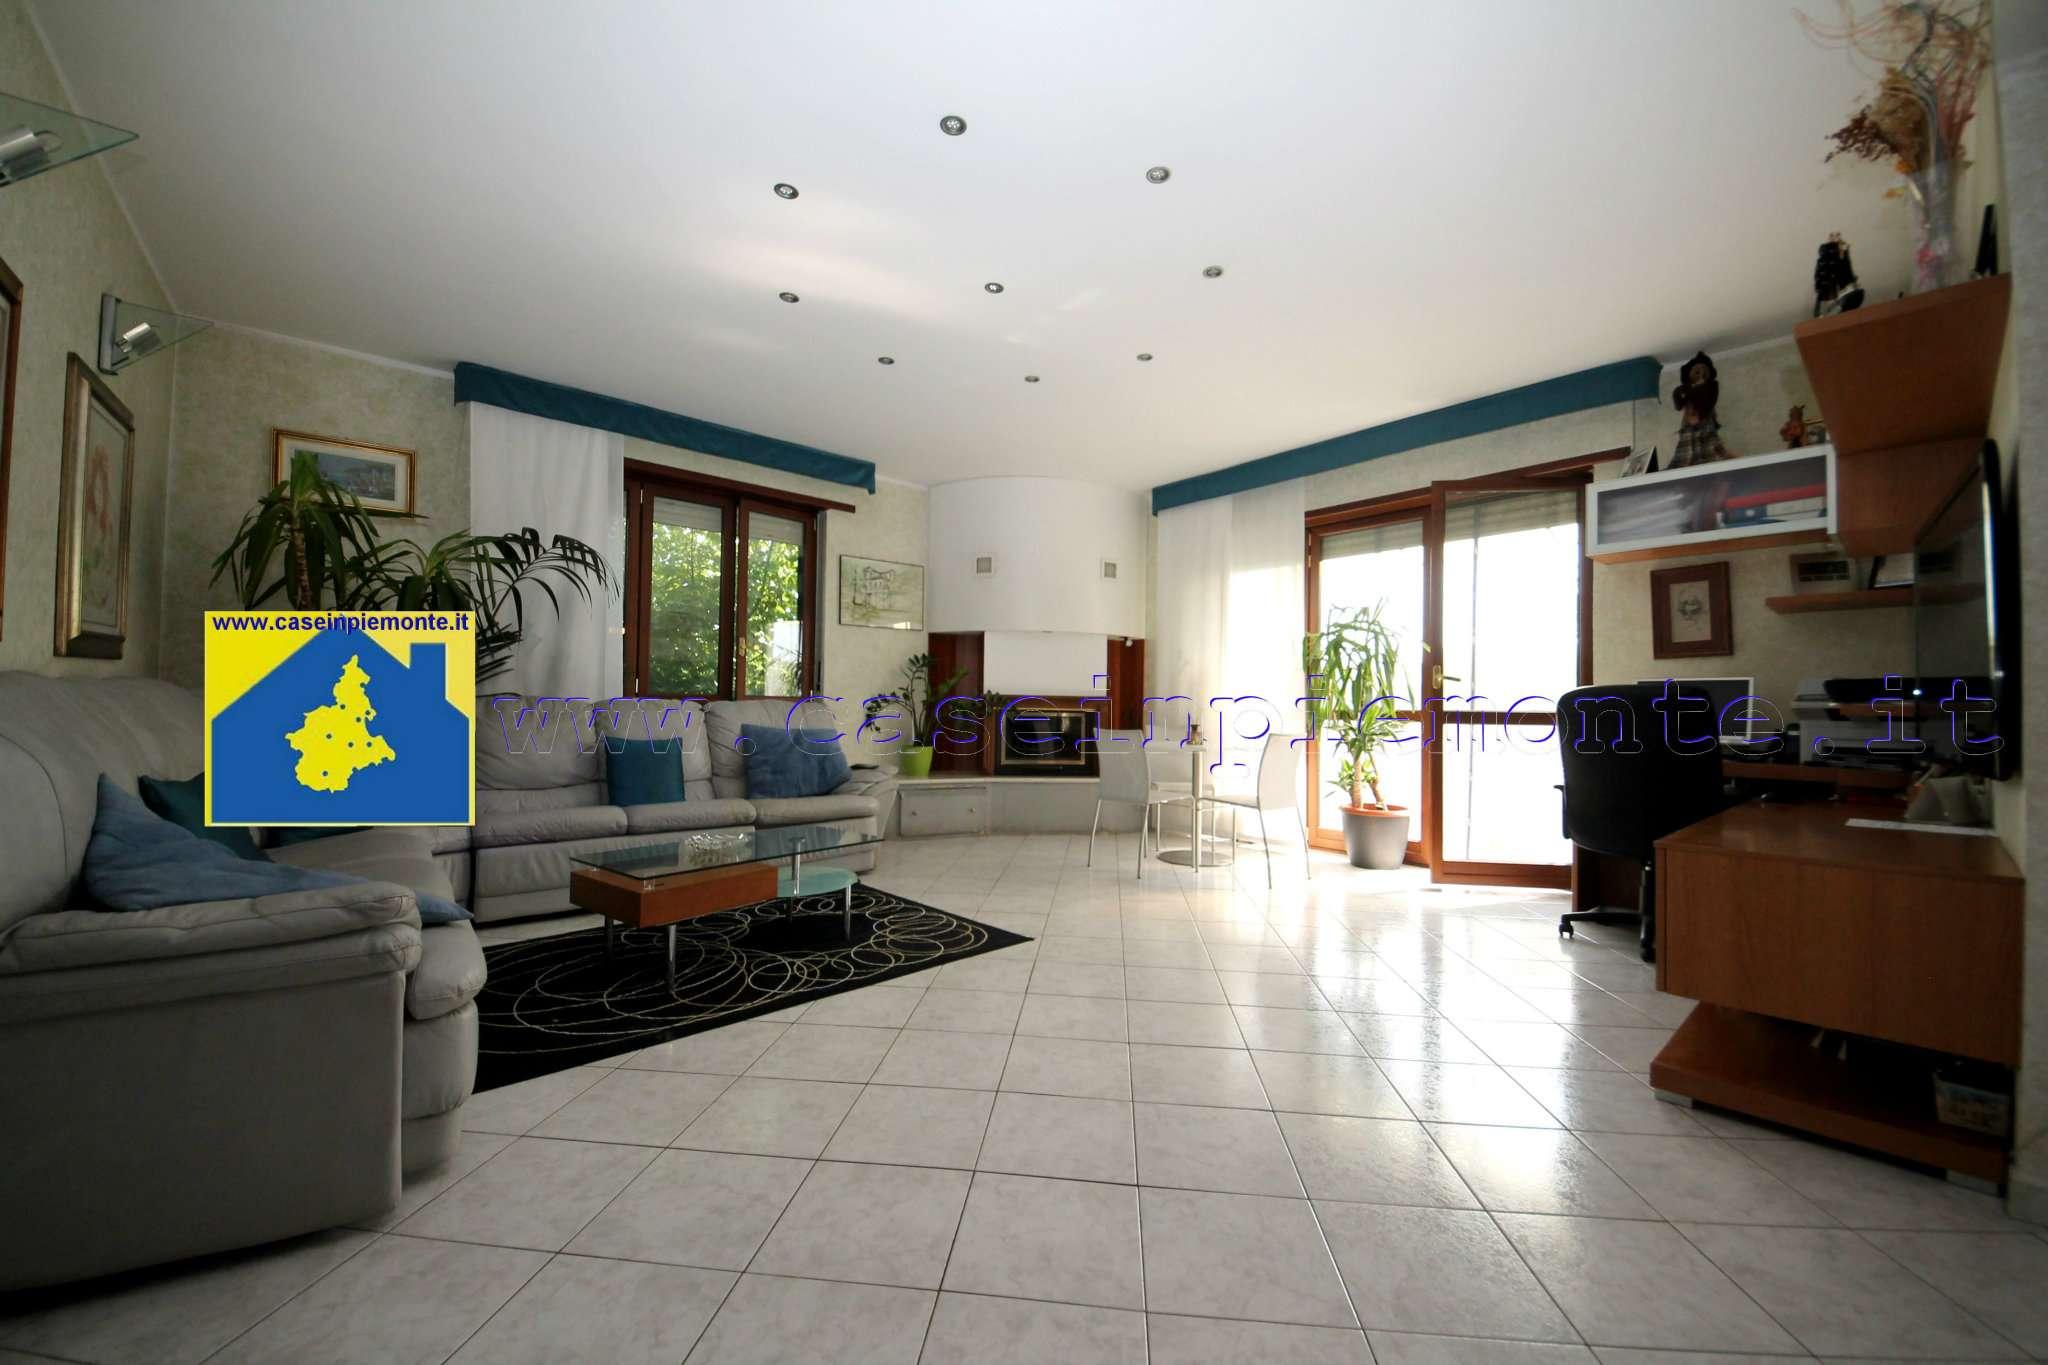 Foto 1 di Villa via MARCONI 31, frazione Montelera, Val Della Torre